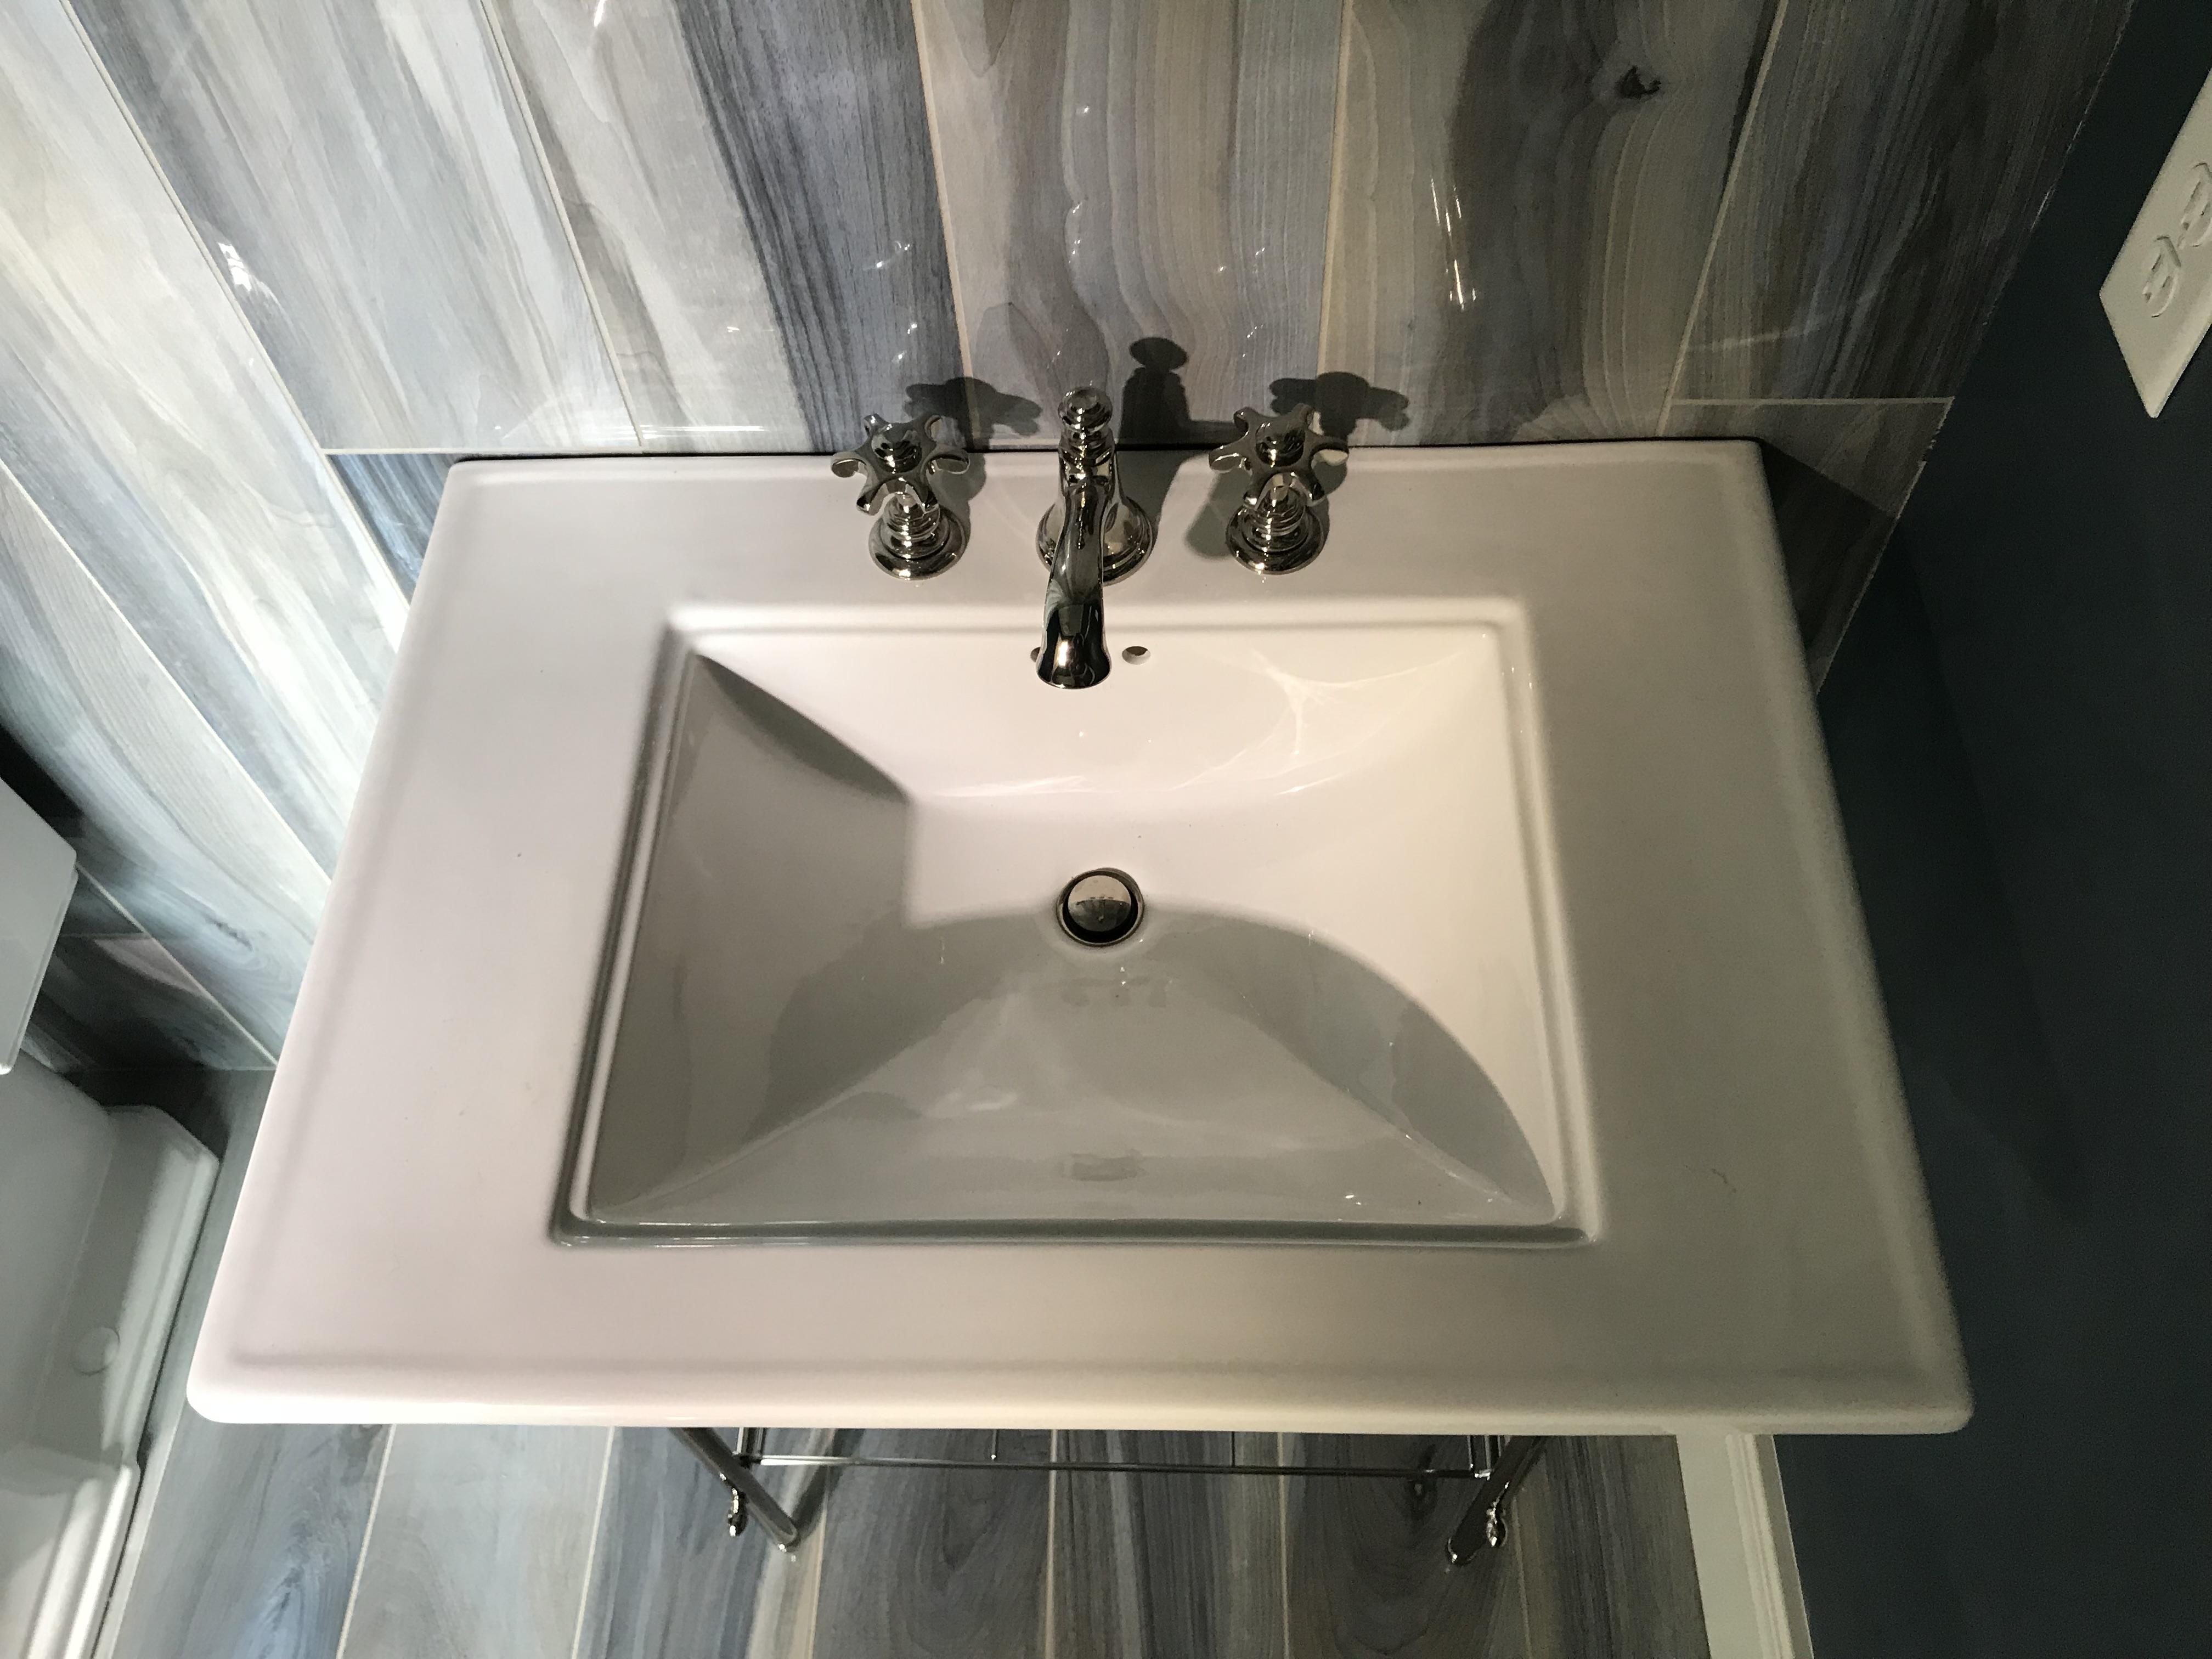 """<div class=""""meta image-caption""""><div class=""""origin-logo origin-image wtvd""""><span>WTVD</span></div><span class=""""caption-text"""">Master bath sink</span></div>"""